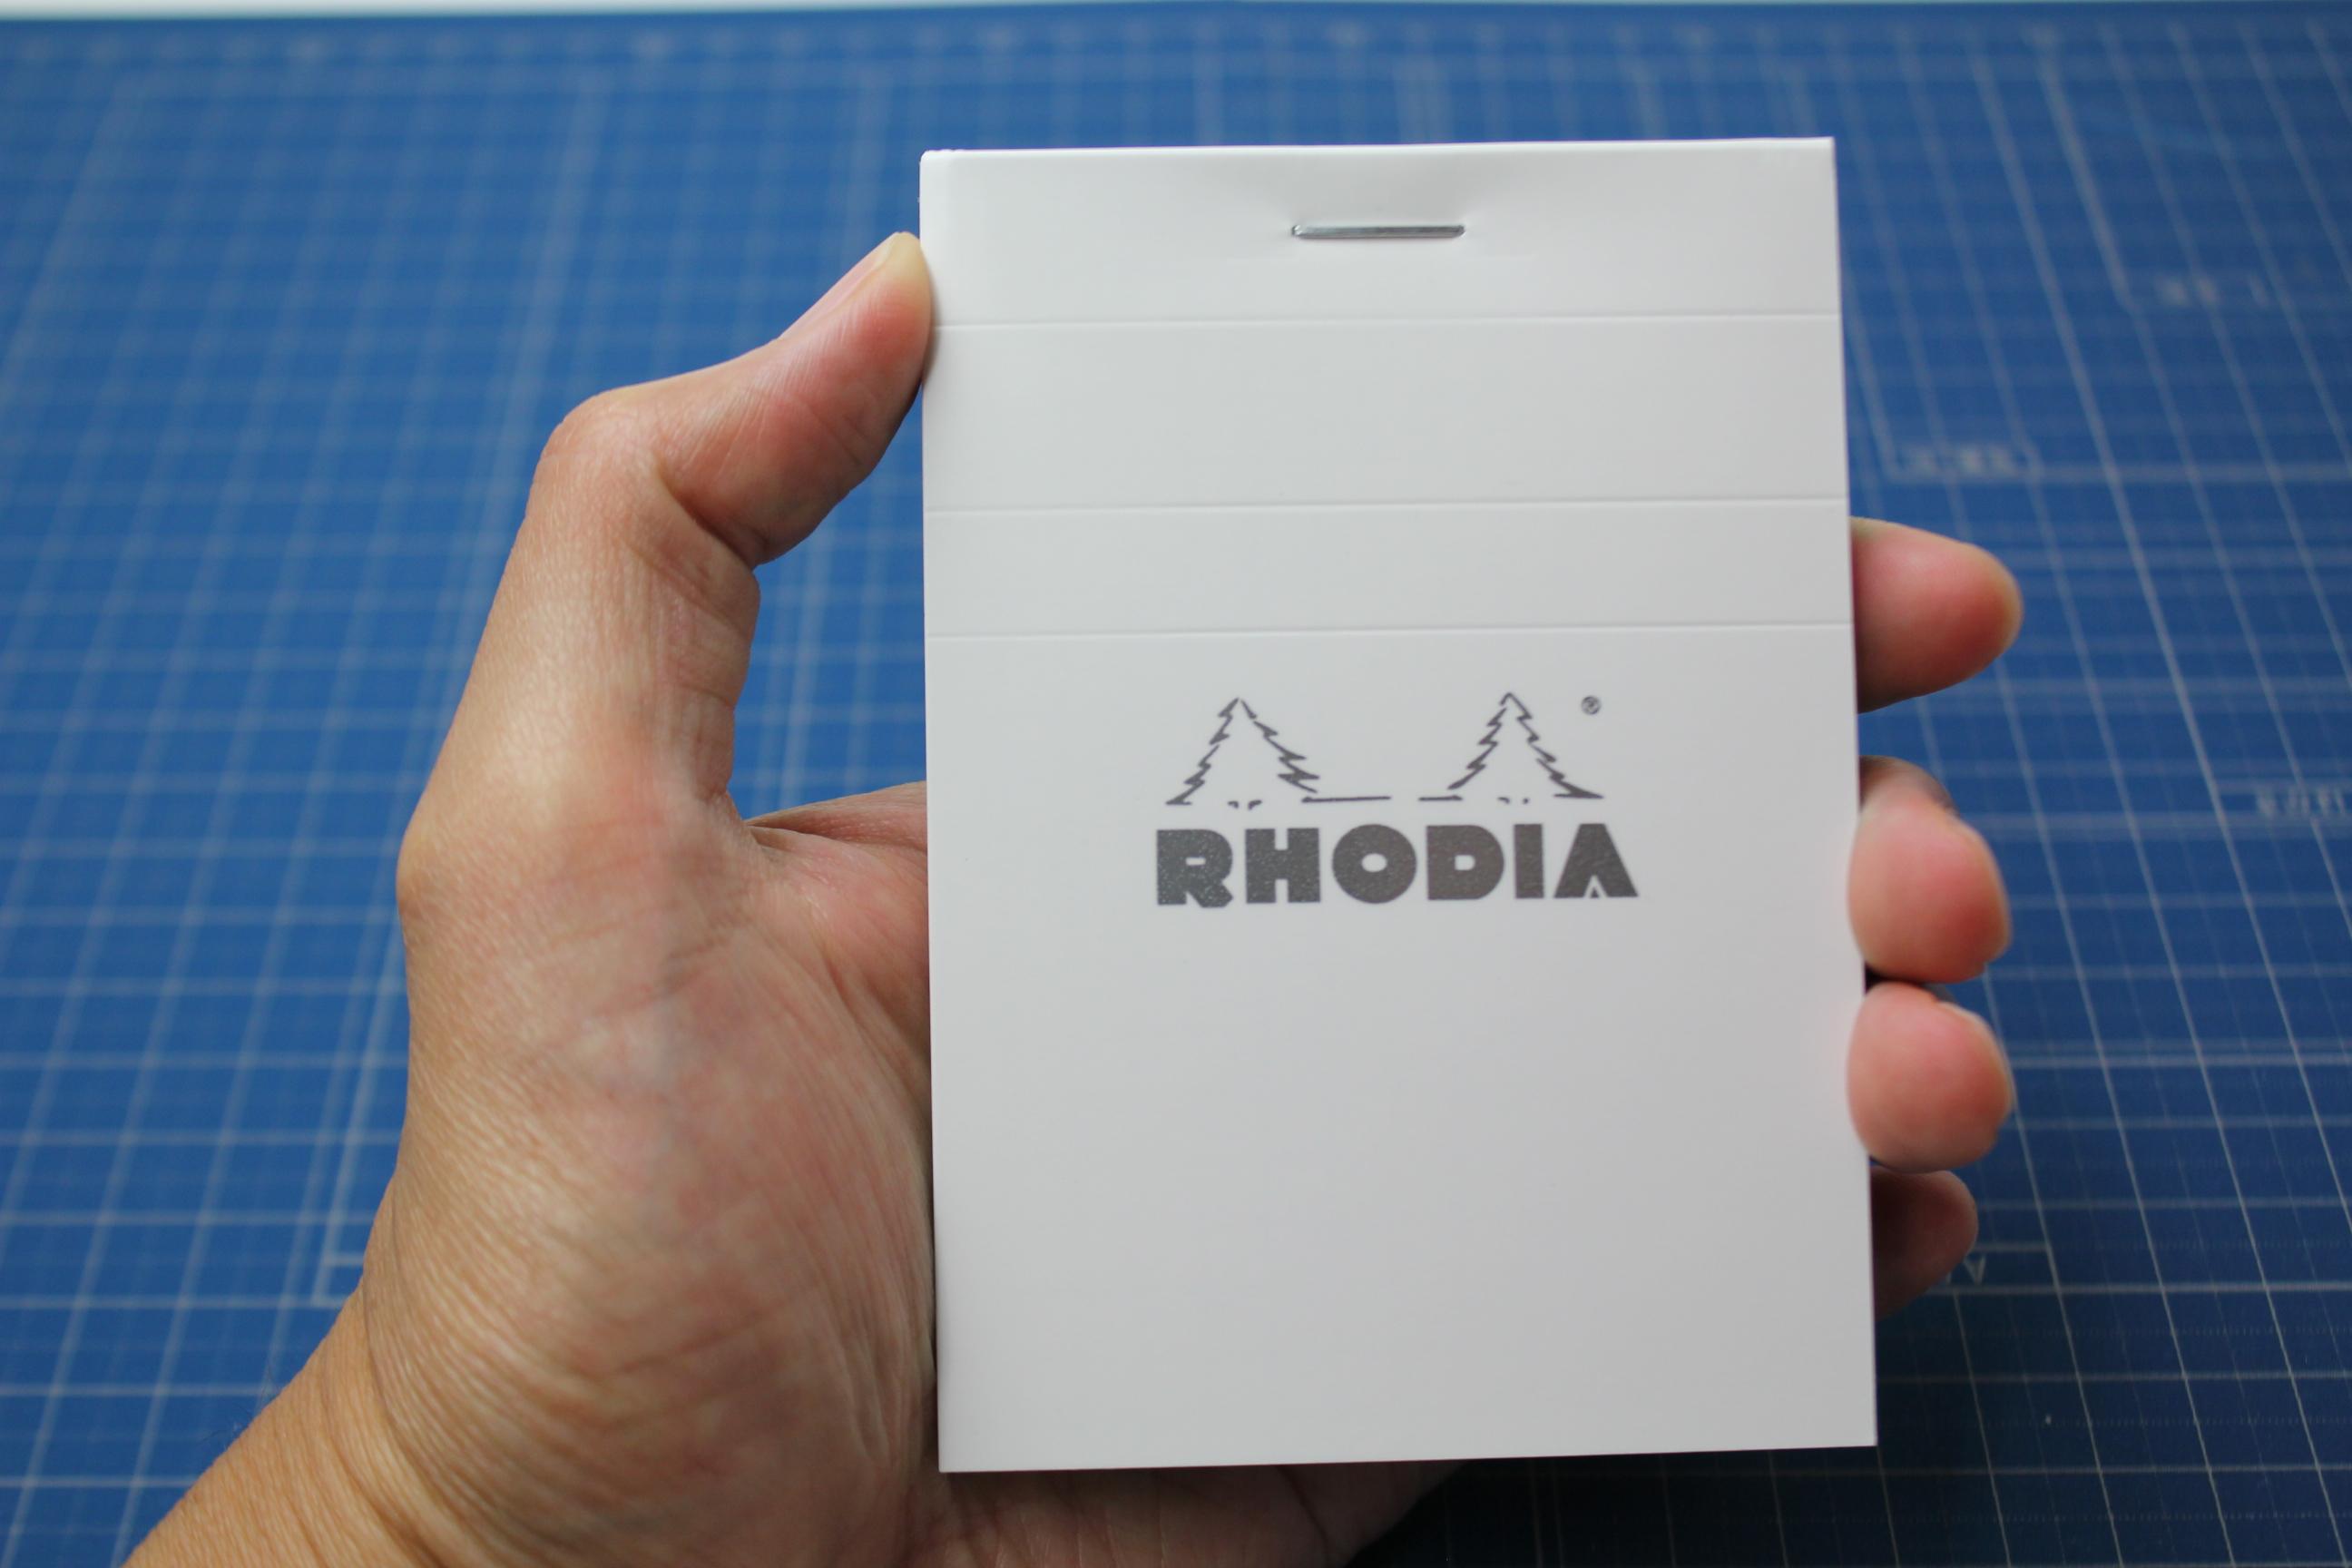 【メモの定番!】ロディアにホワイトが登場しました!「BLOC RHODIA WHITE」